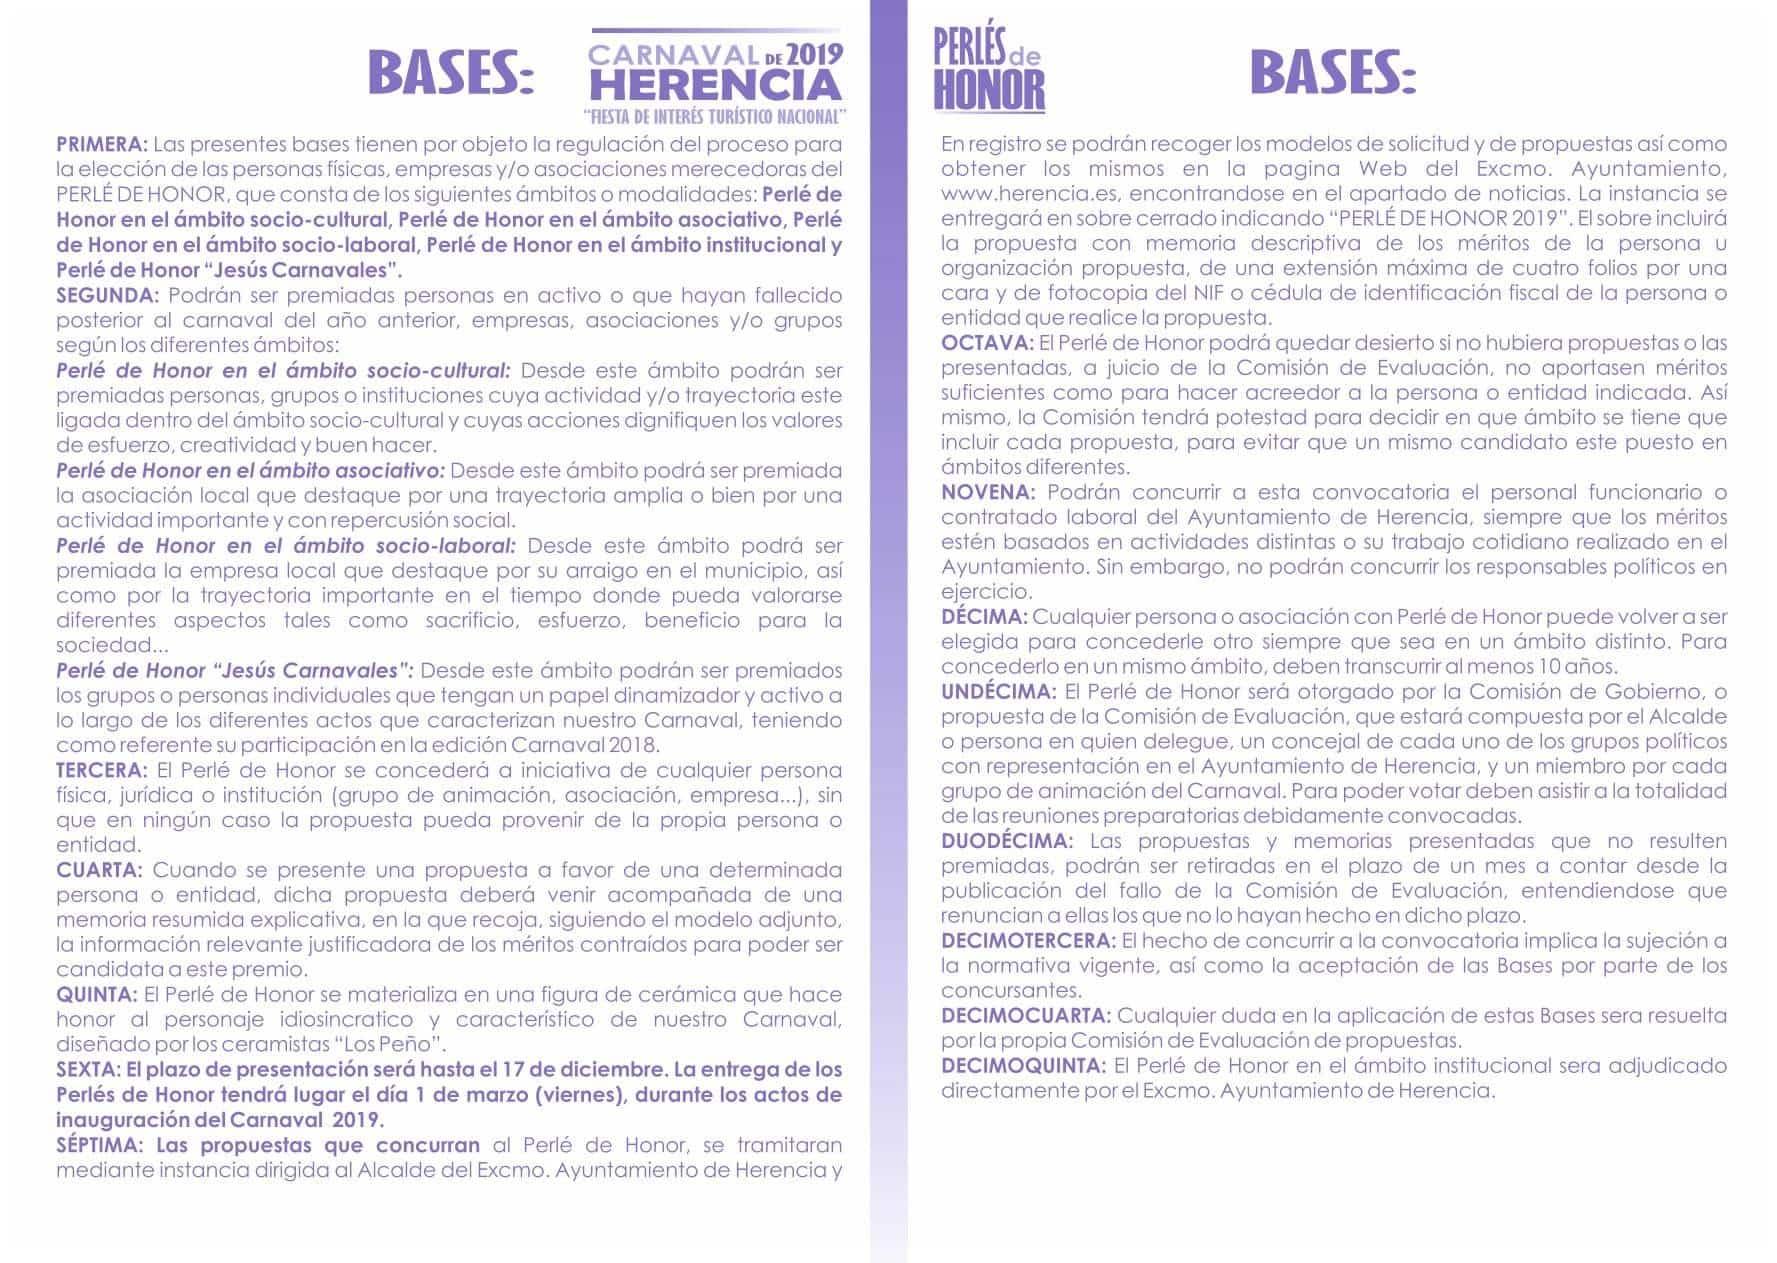 folleto PERLE DE HONOR 2019 bases - Abierto el plazo de presentación de candidaturas para los Perlés de Honor del Carnaval de Herencia 2019